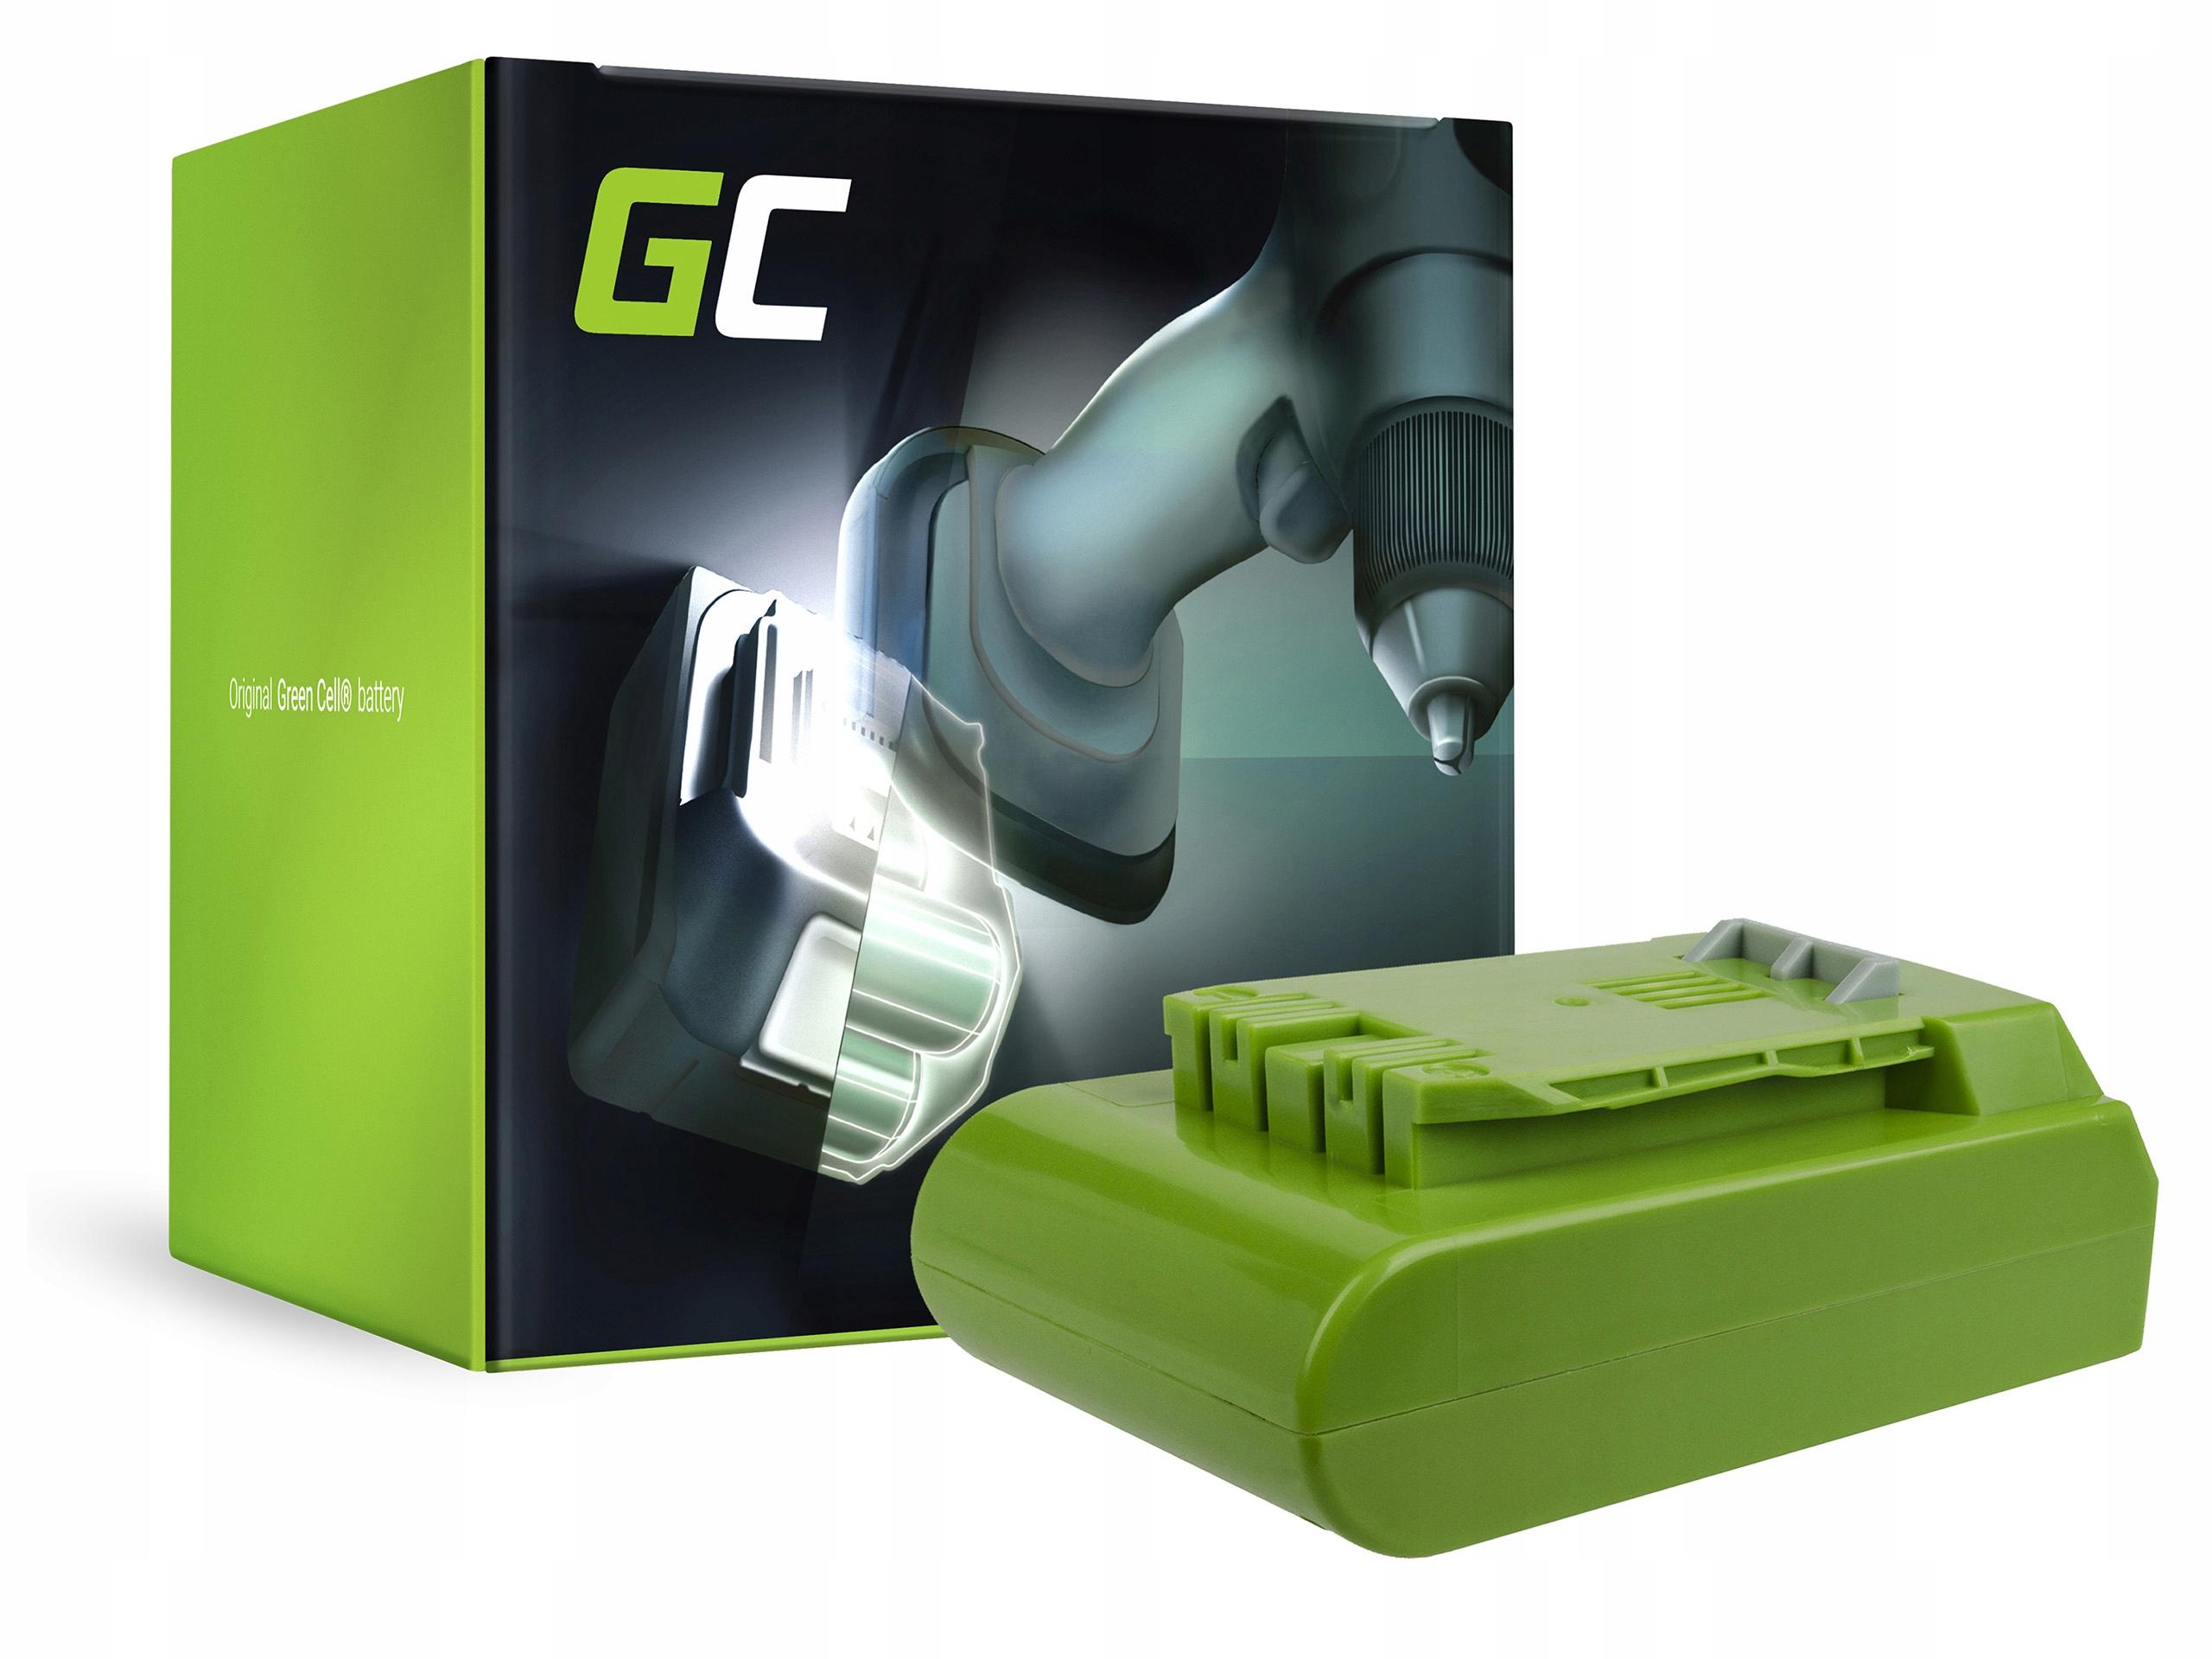 Batérie pre 2Ah 24V GreenWorks 20362